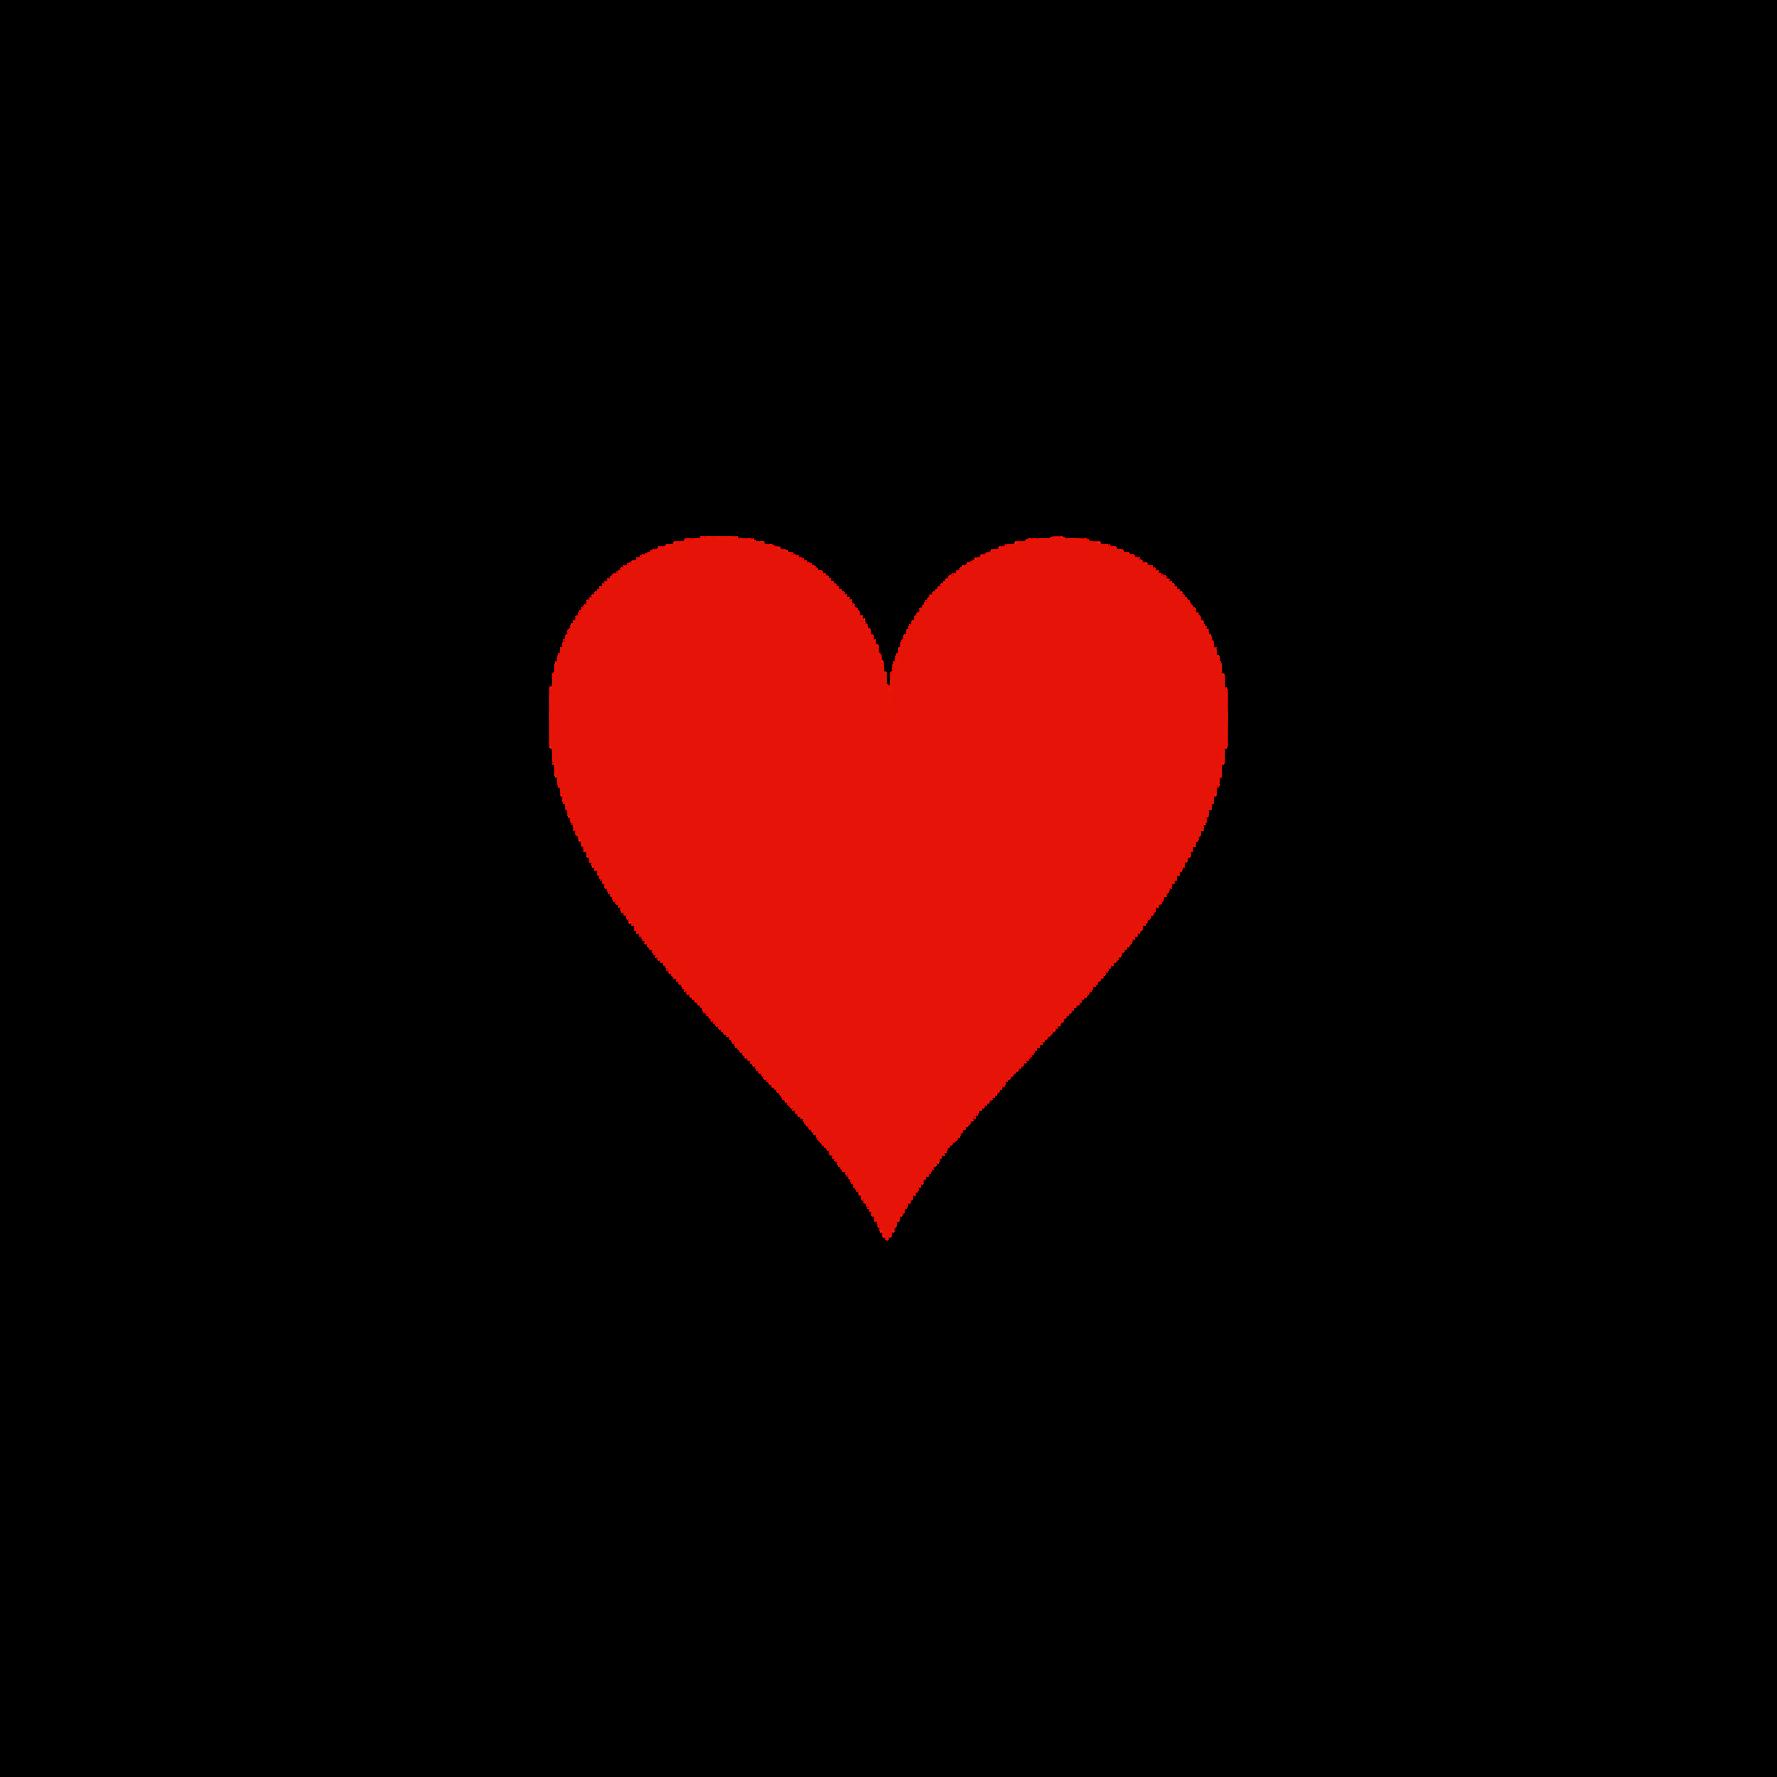 Coeur rouge simple png 7 » PNG Image.